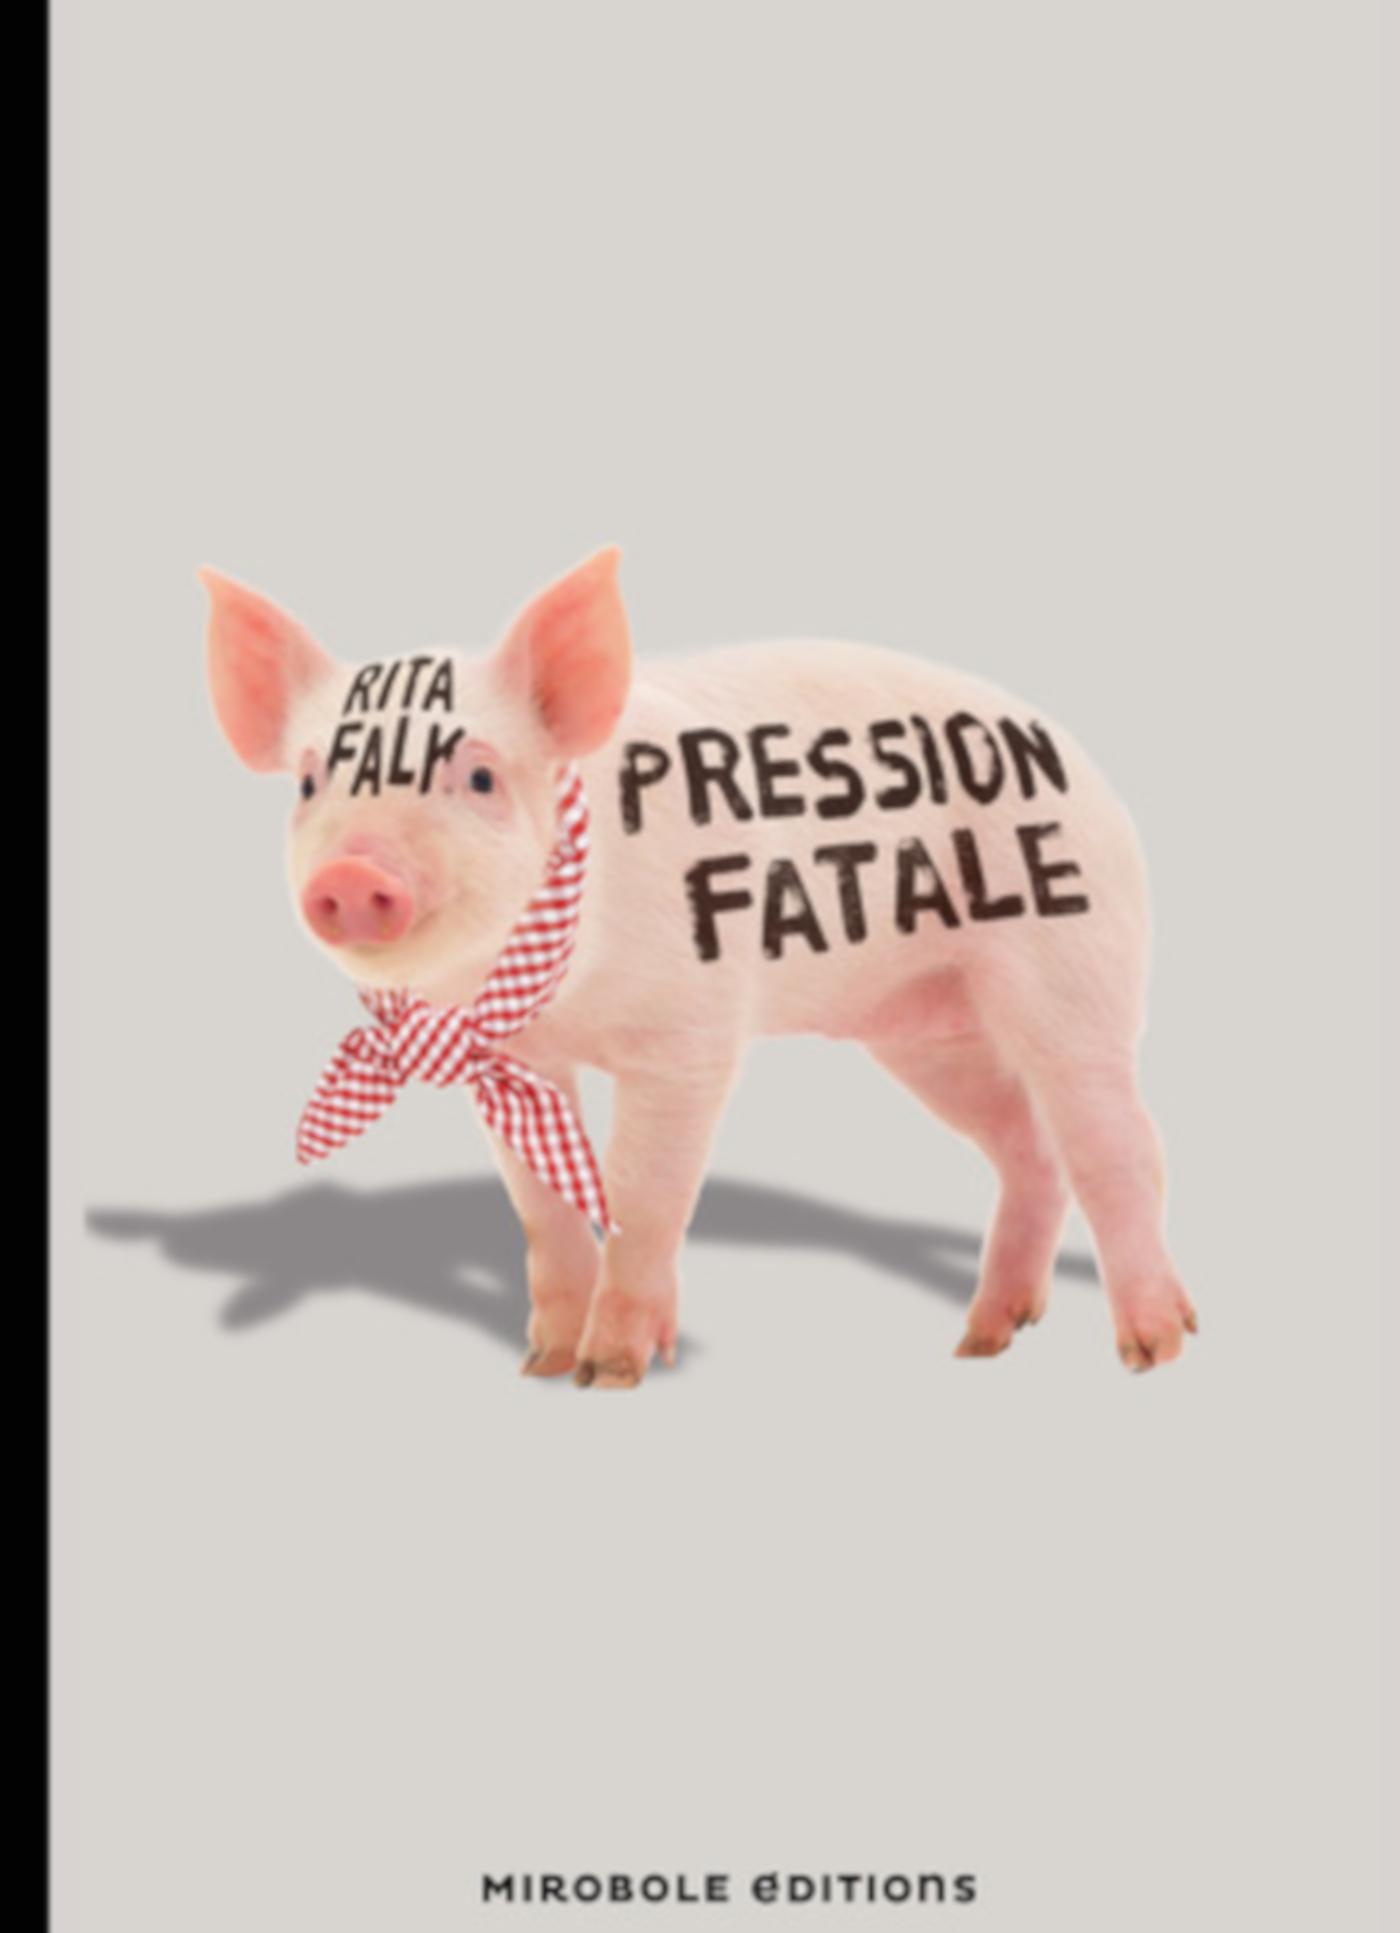 Pression fatale | FALK, Rita